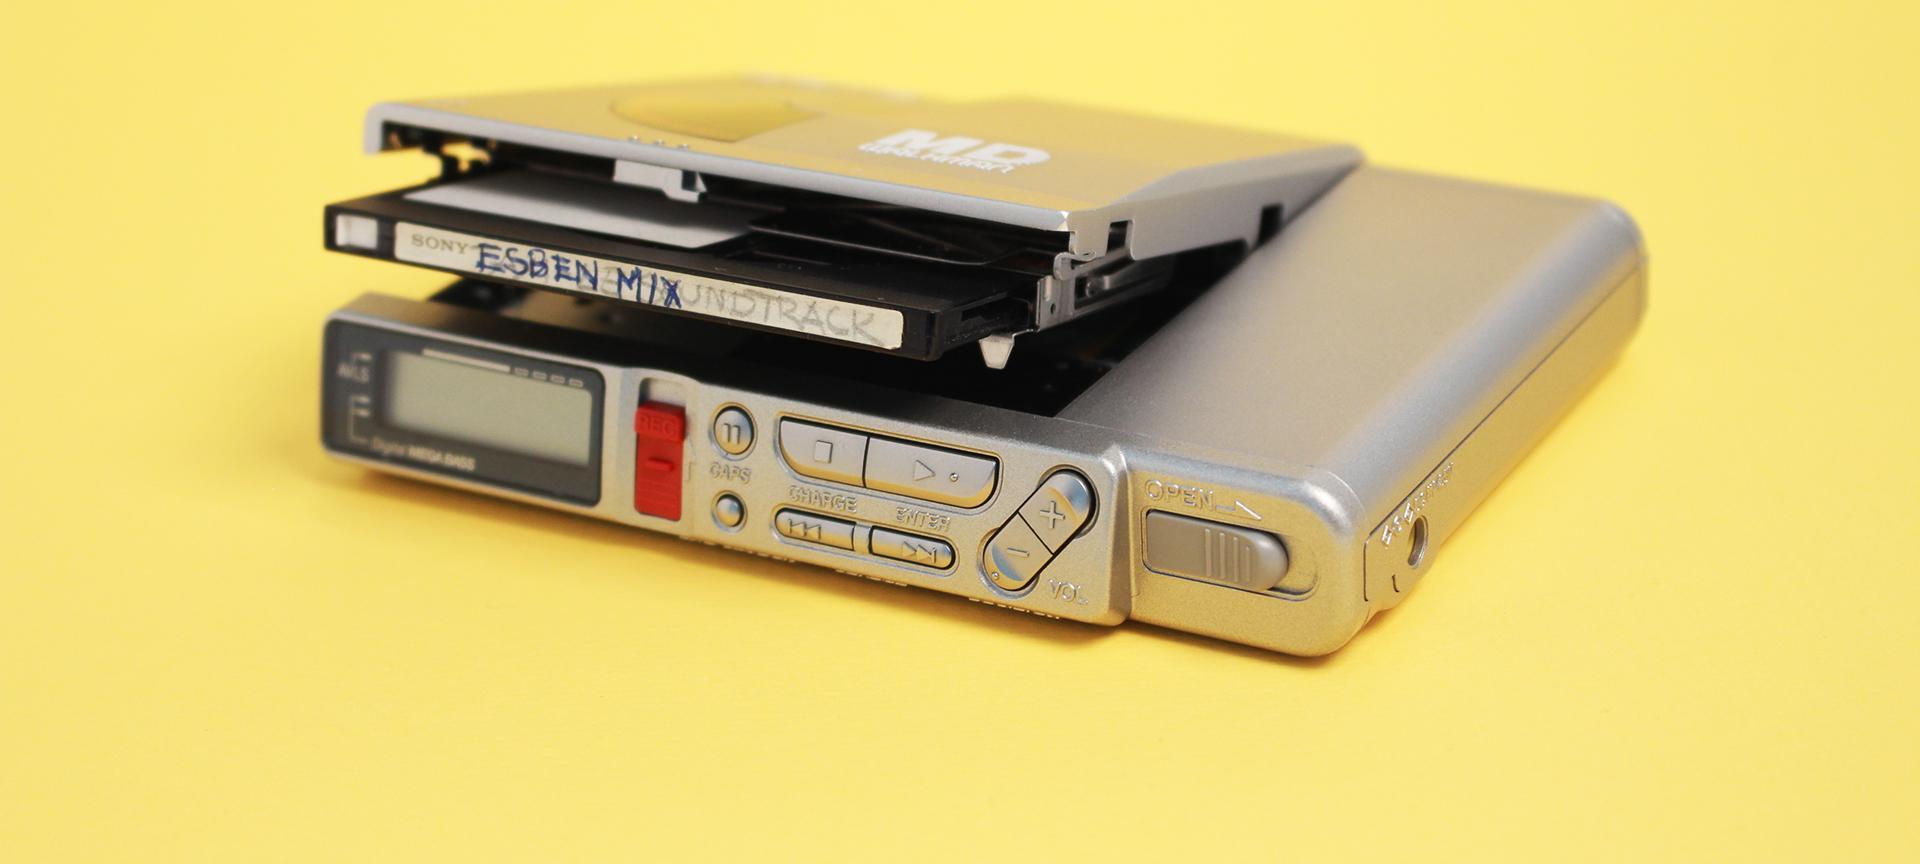 Bærbar MiniDisc-afspiller med mix af Esben